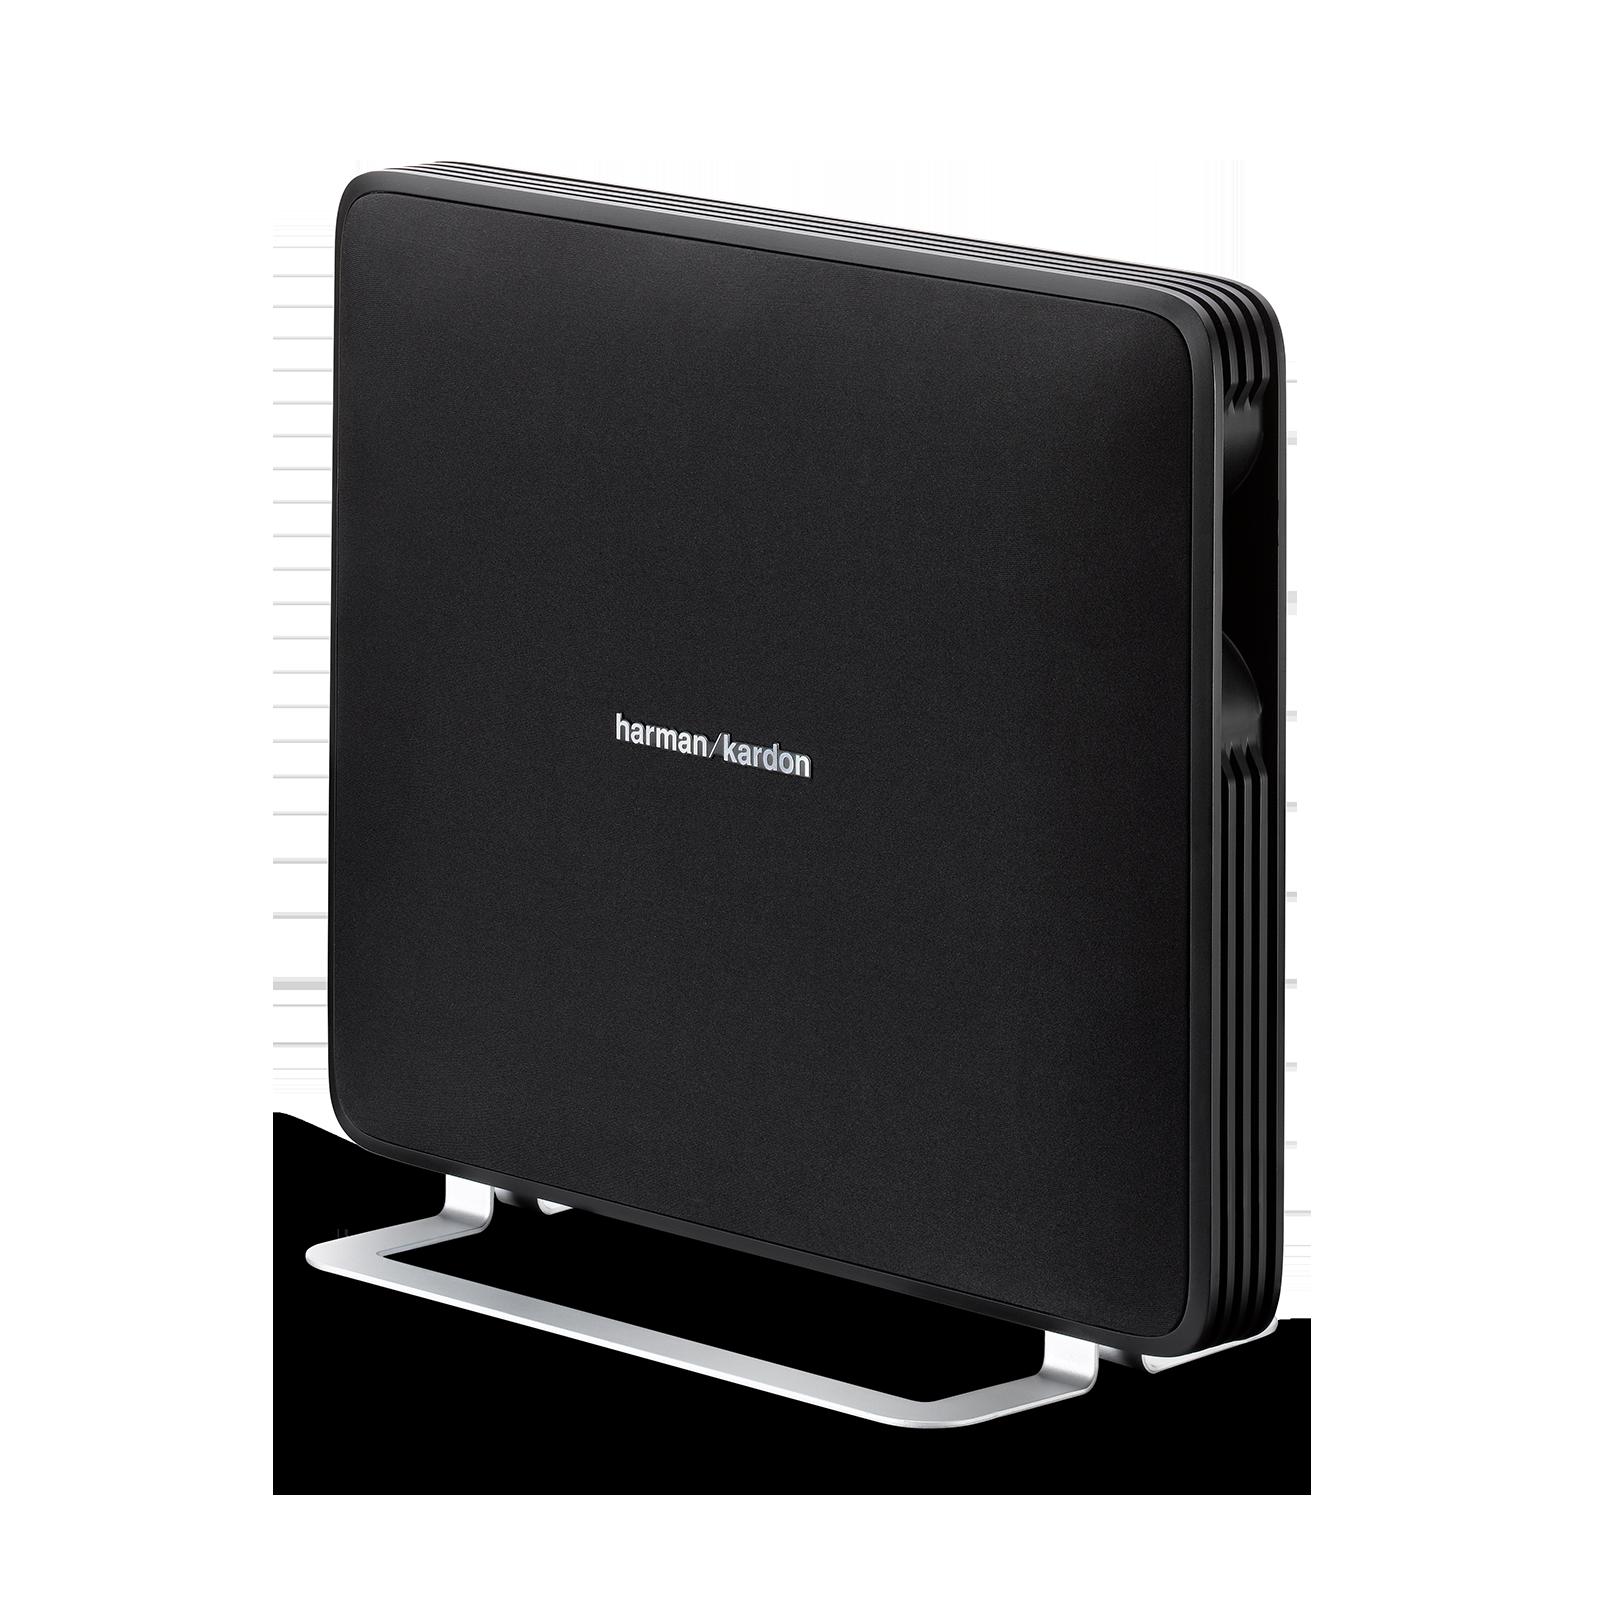 Sabre SB 35 - Black - Devastatingly slim home entertainment soundbar with compact subwoofer. - Detailshot 3